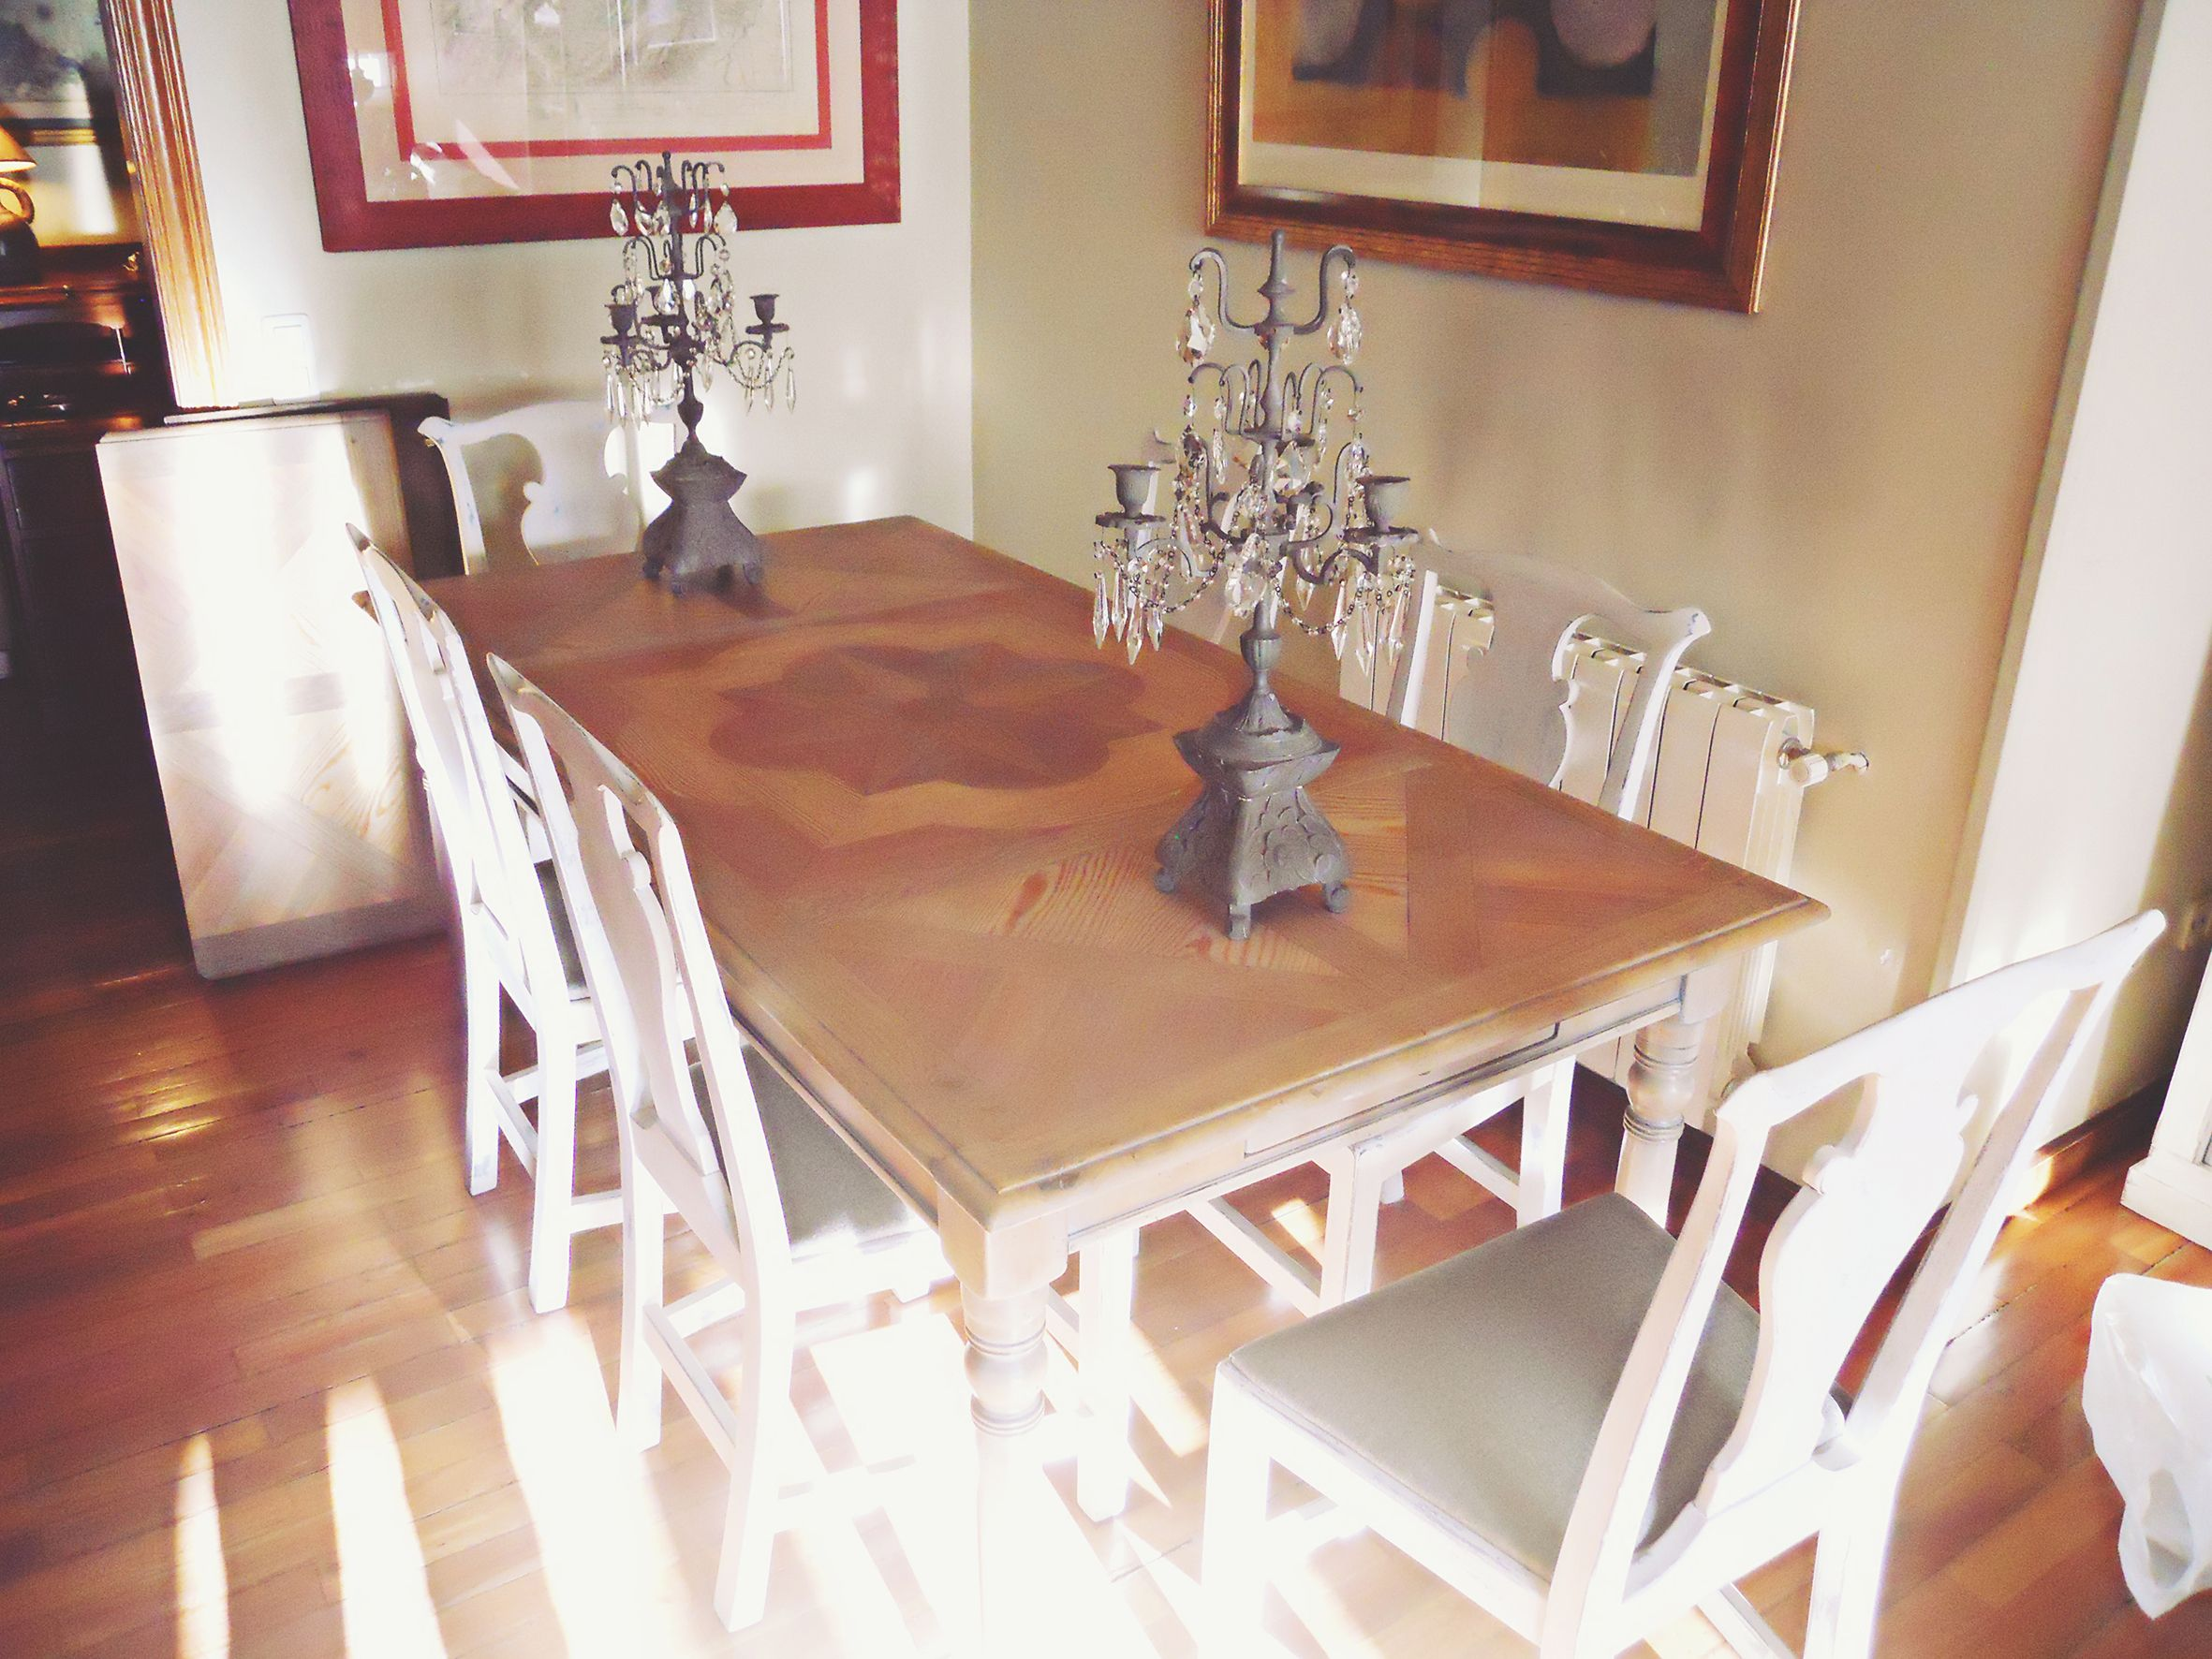 Renovaci n mesa comedor y sillas mesa de madera decapada for Sillas grises para comedor